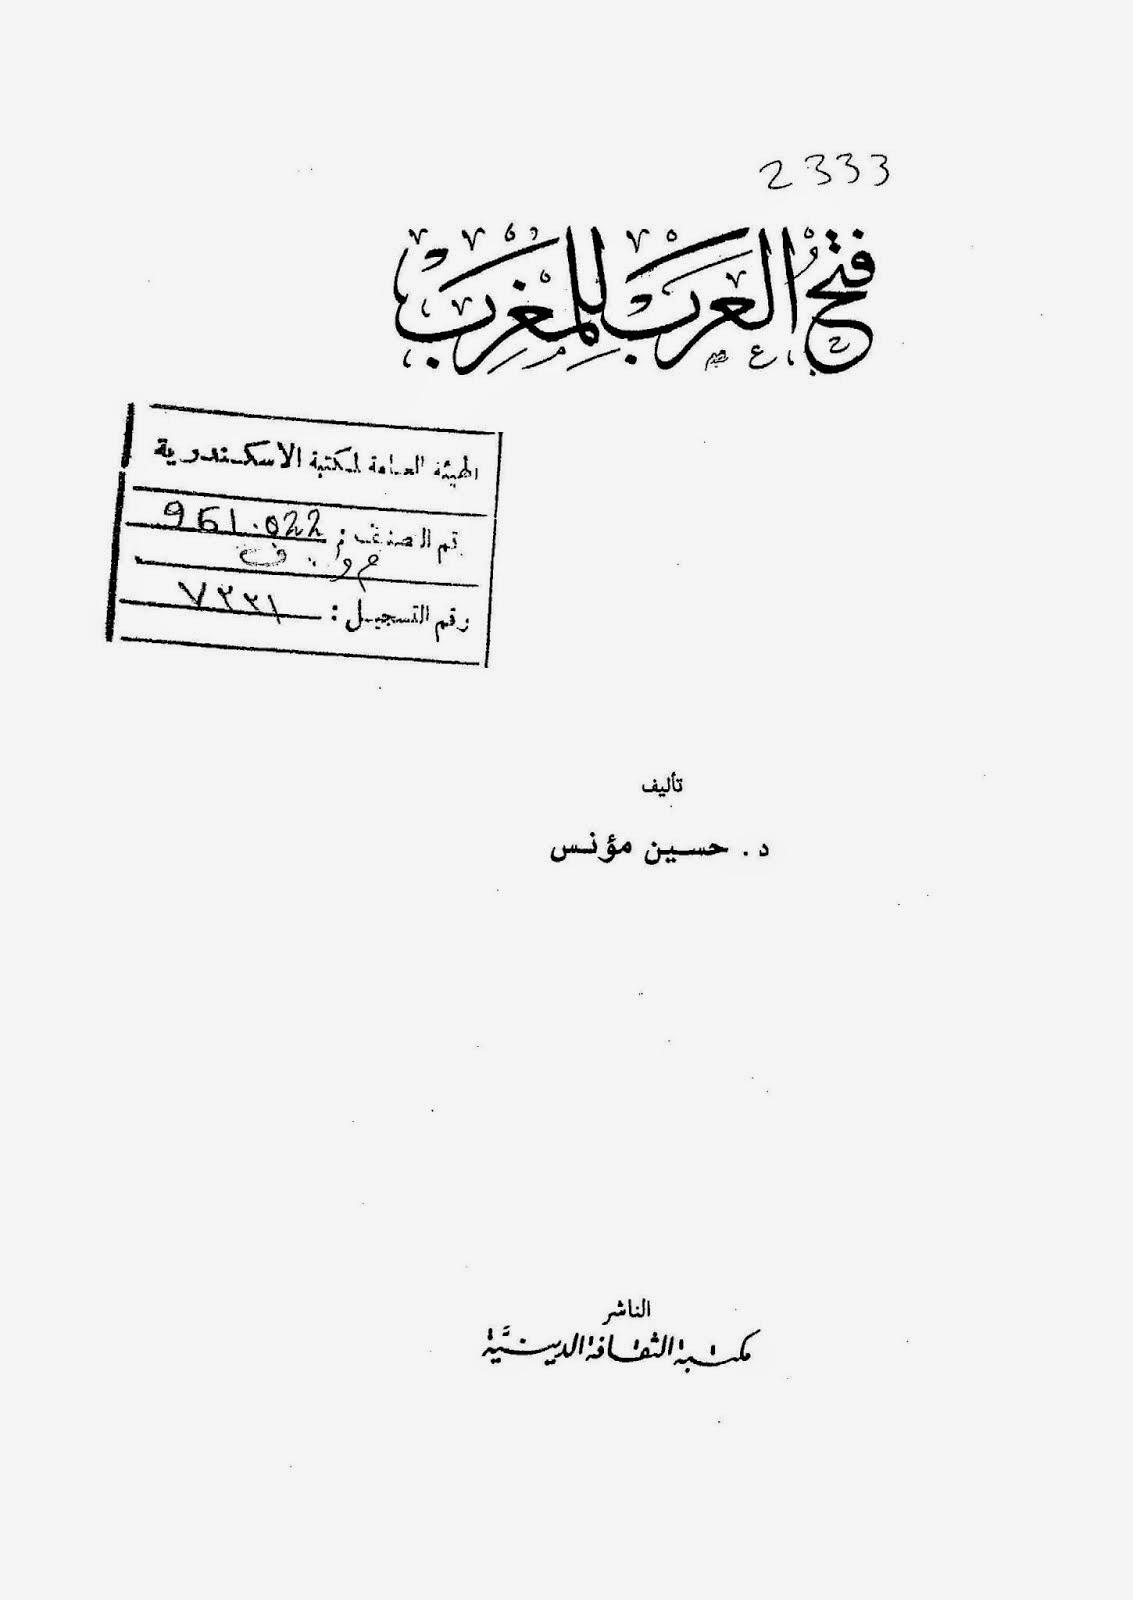 حمل الكتاب فتح العرب للمغرب لـ حسين مؤنس